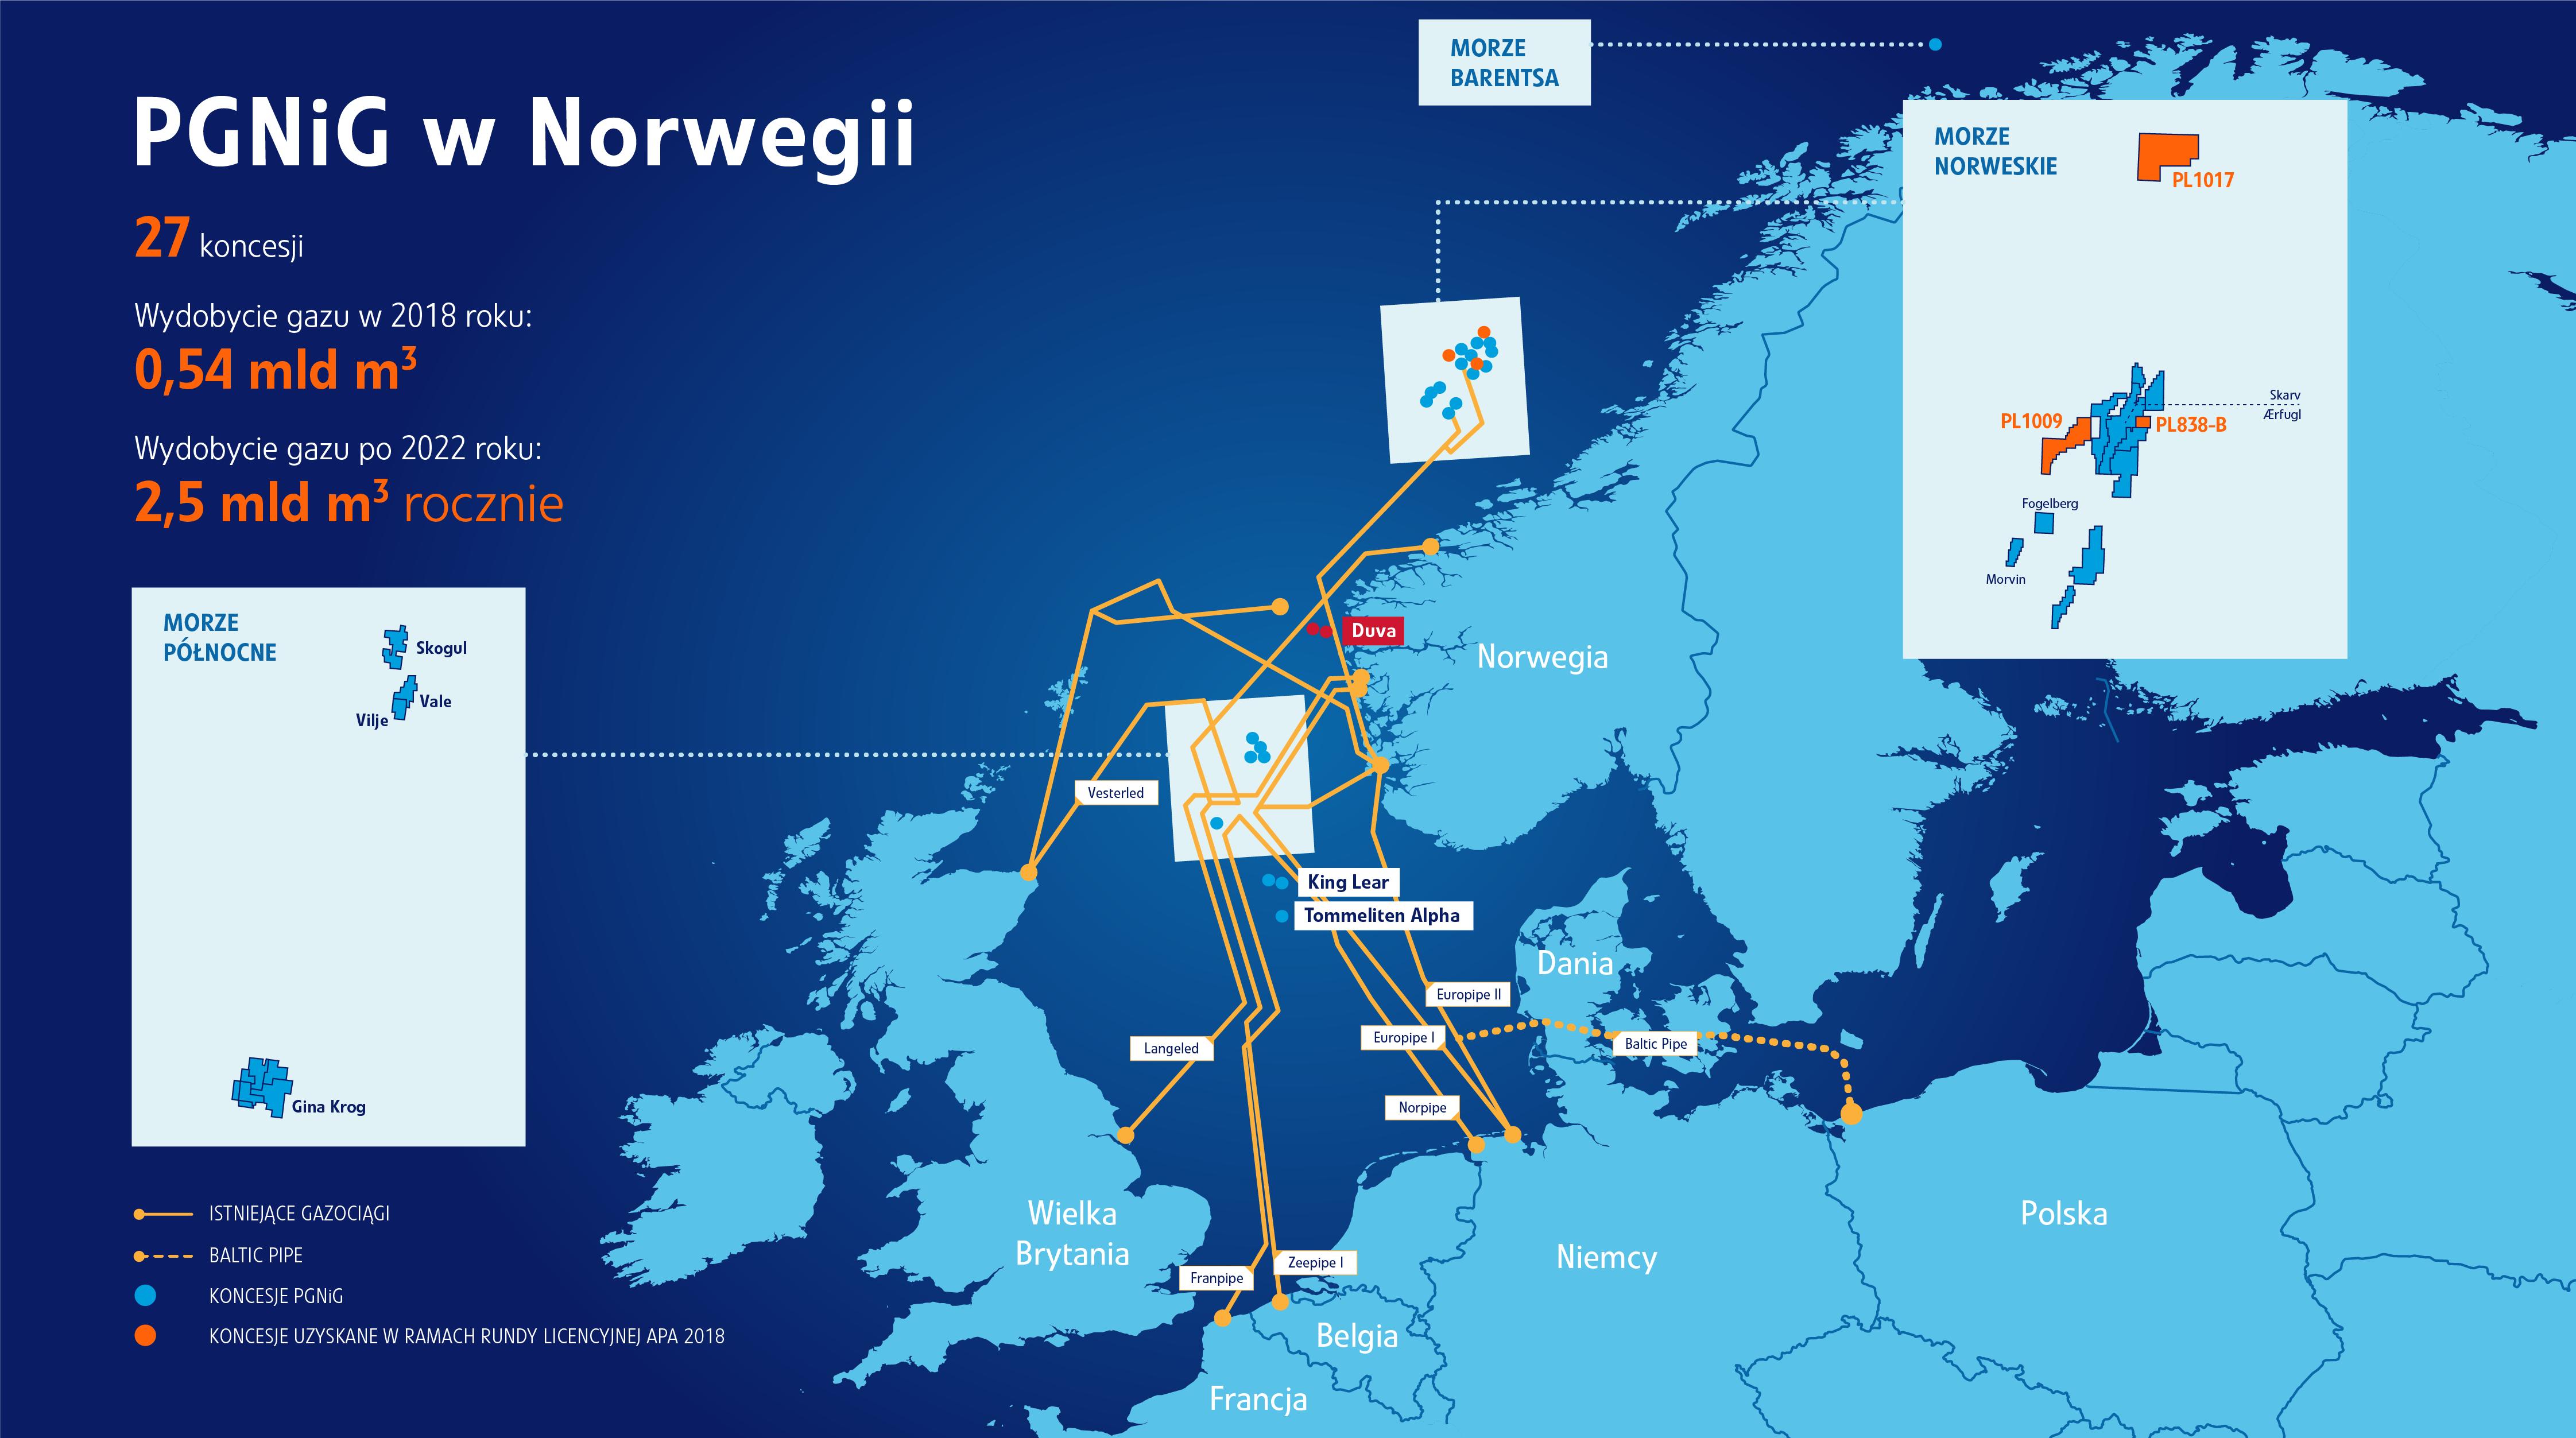 2500_027 Koncesje Norwegia - update 07-2019_PL.png -